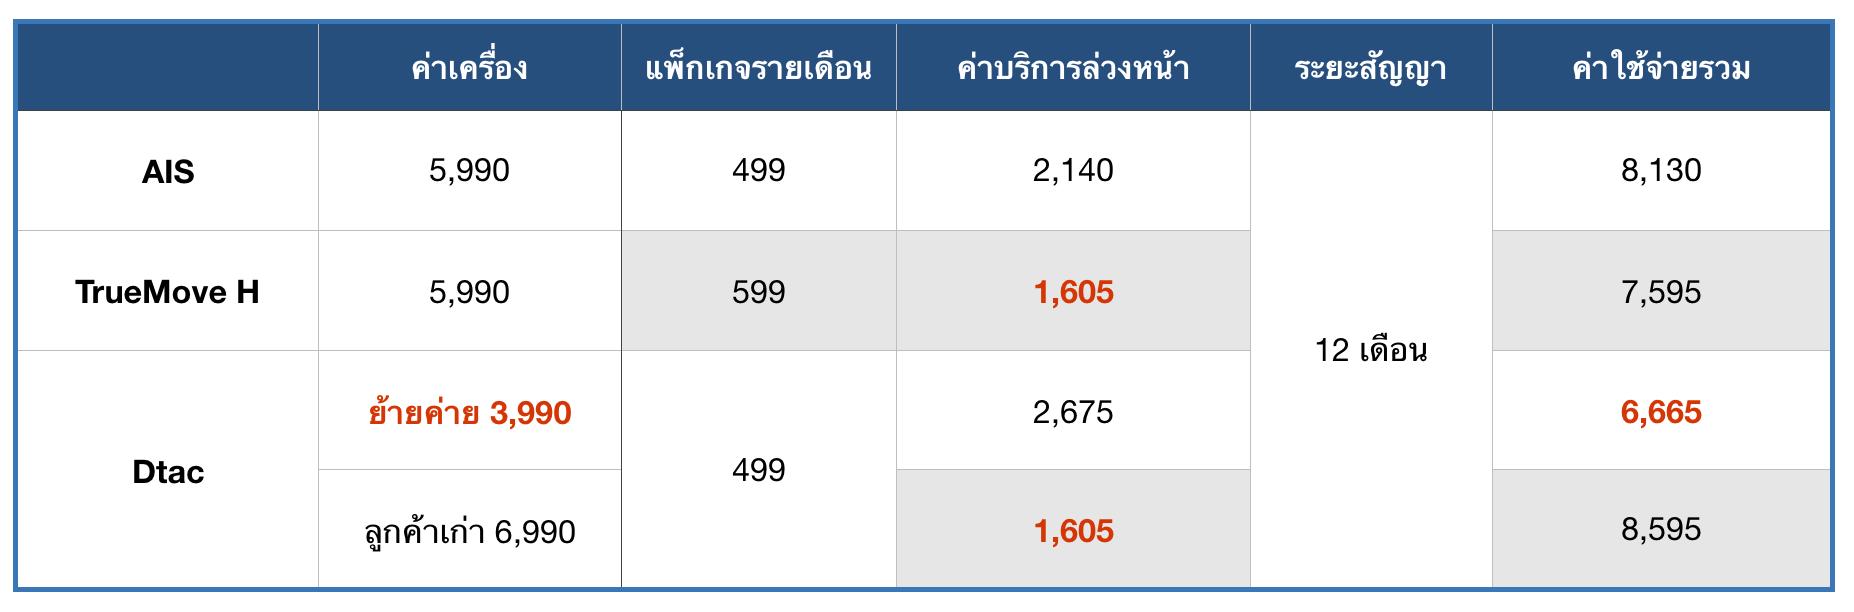 OPPO-F5-Price-Comparision-Table